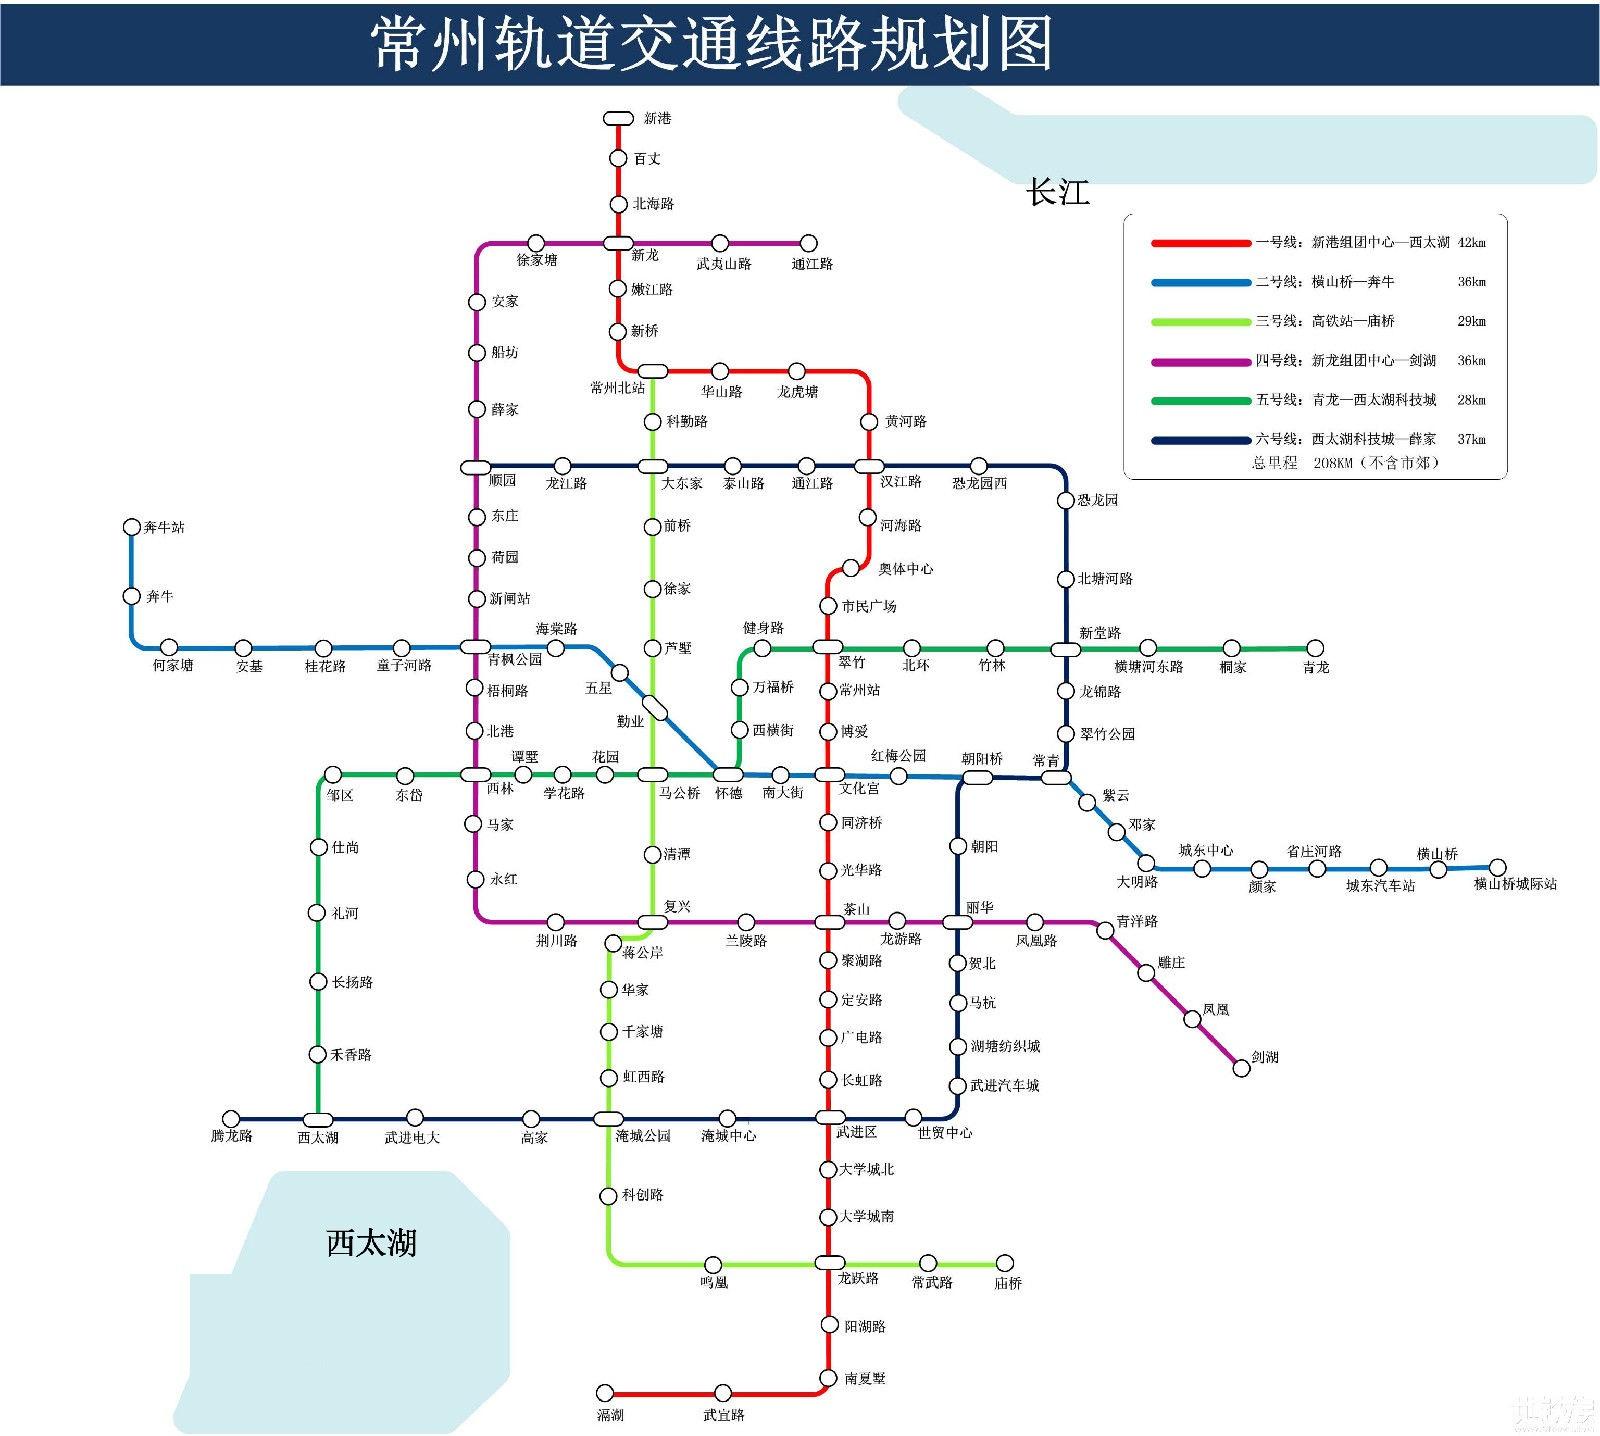 常州地铁规划图及线路大全(持续更新)